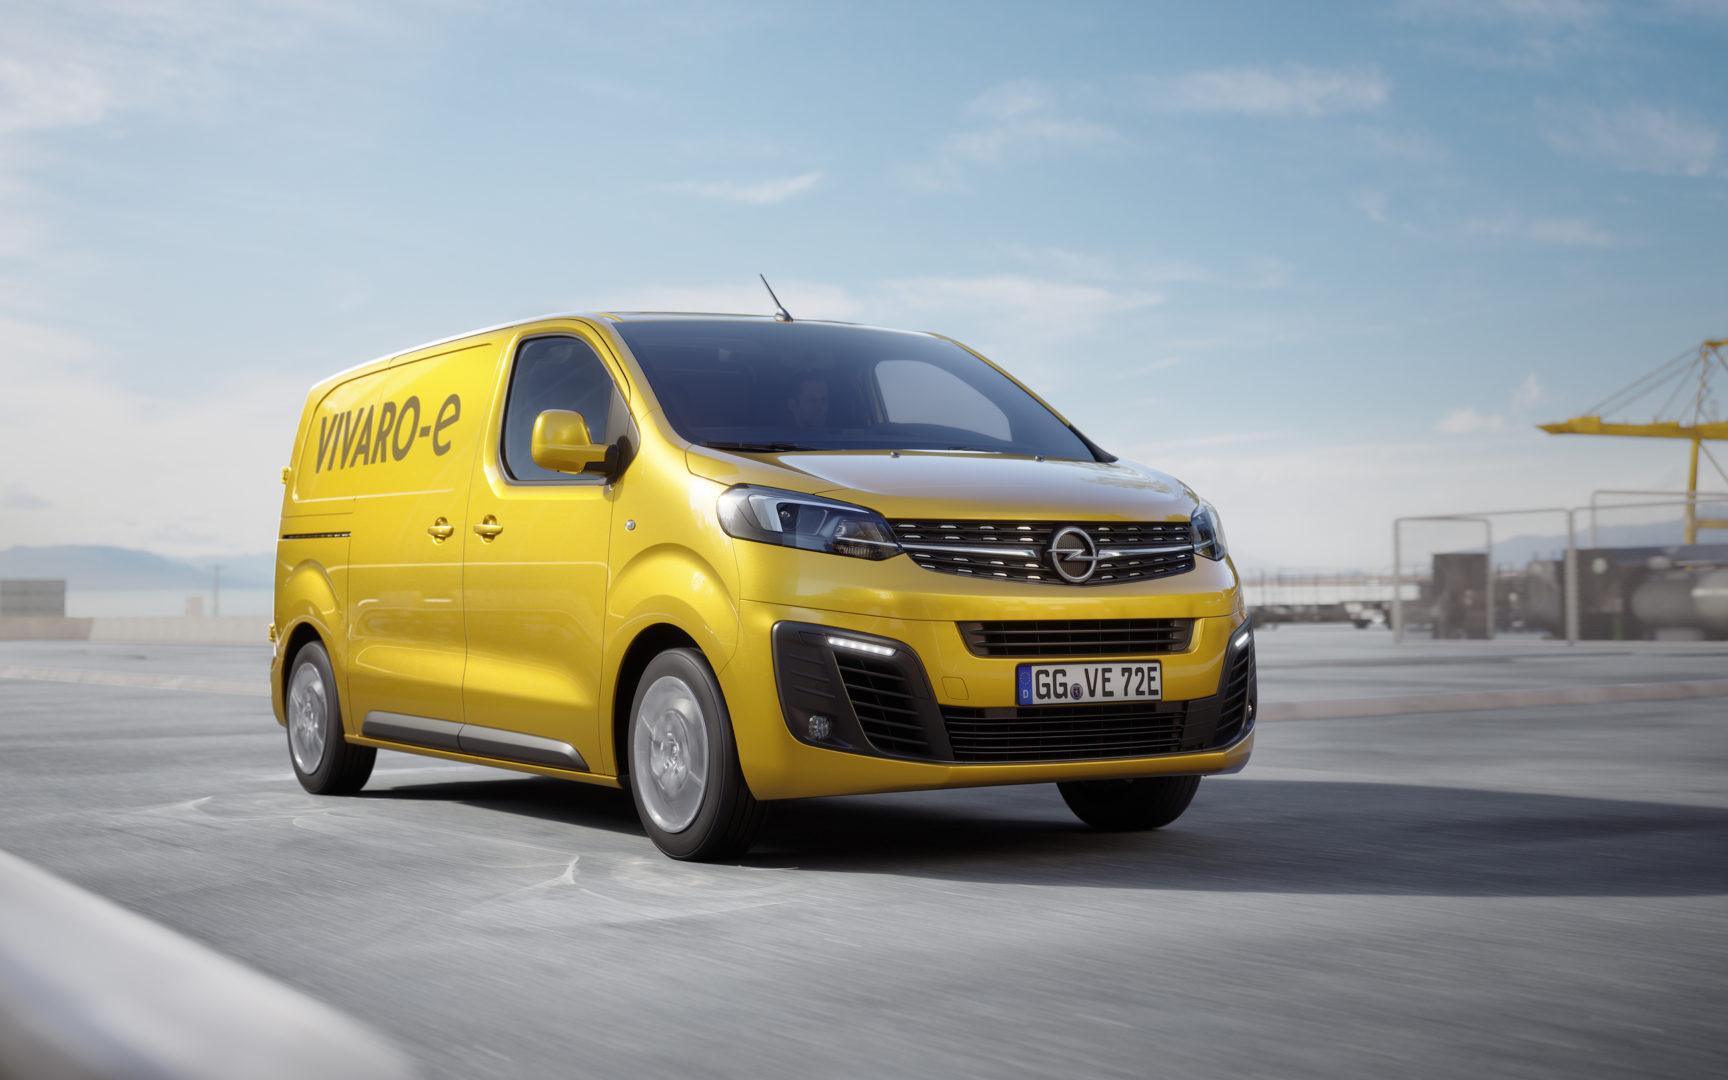 Le Peugeot e-Expert arrivera en 2020 — Utilitaire électrique